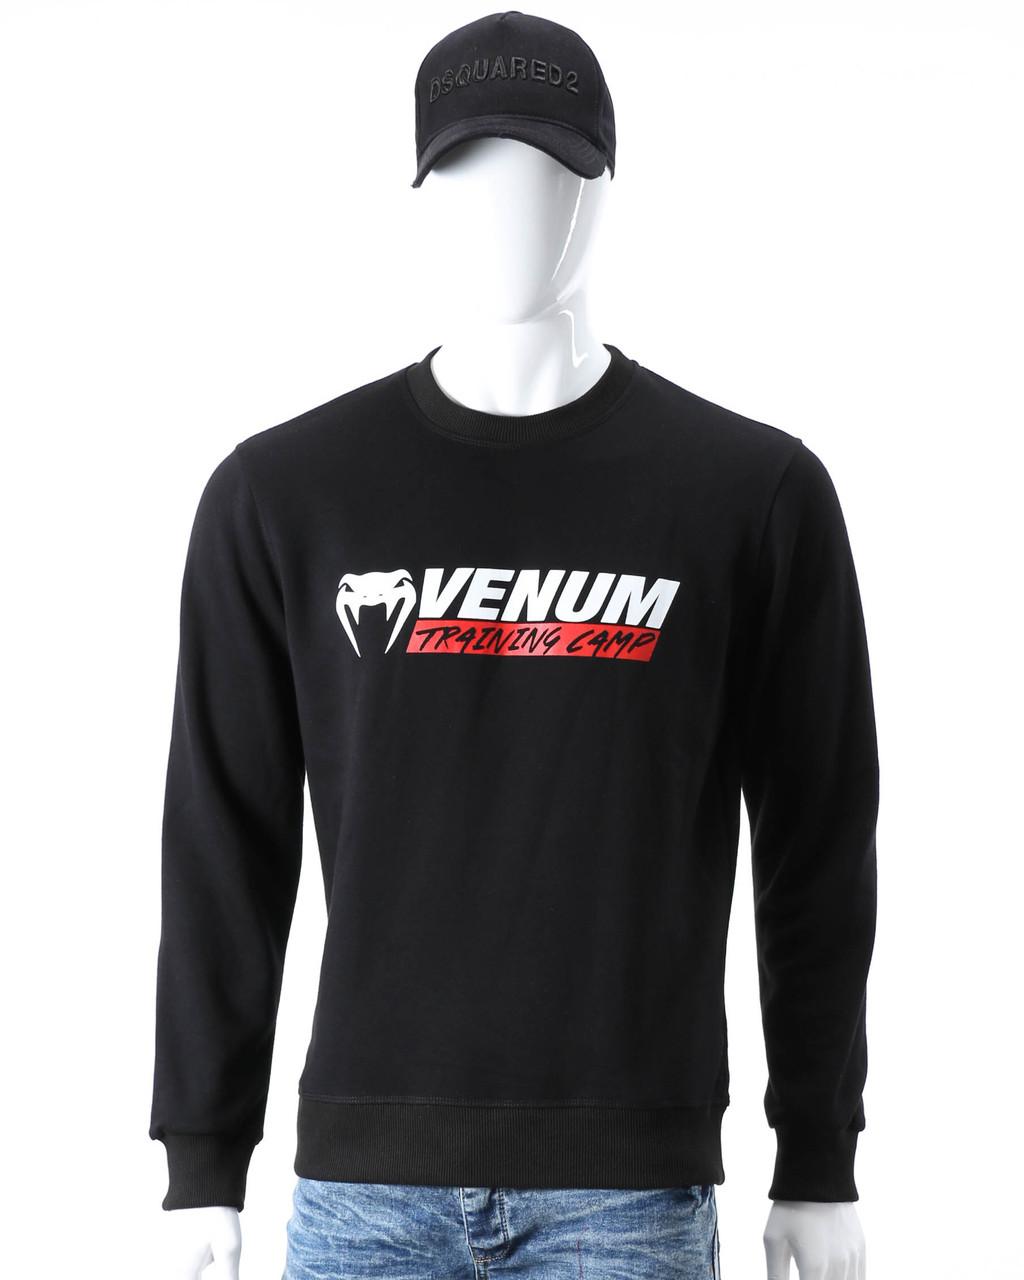 Свитшот черный VENUM №2 BLK L(Р) 20-416-001